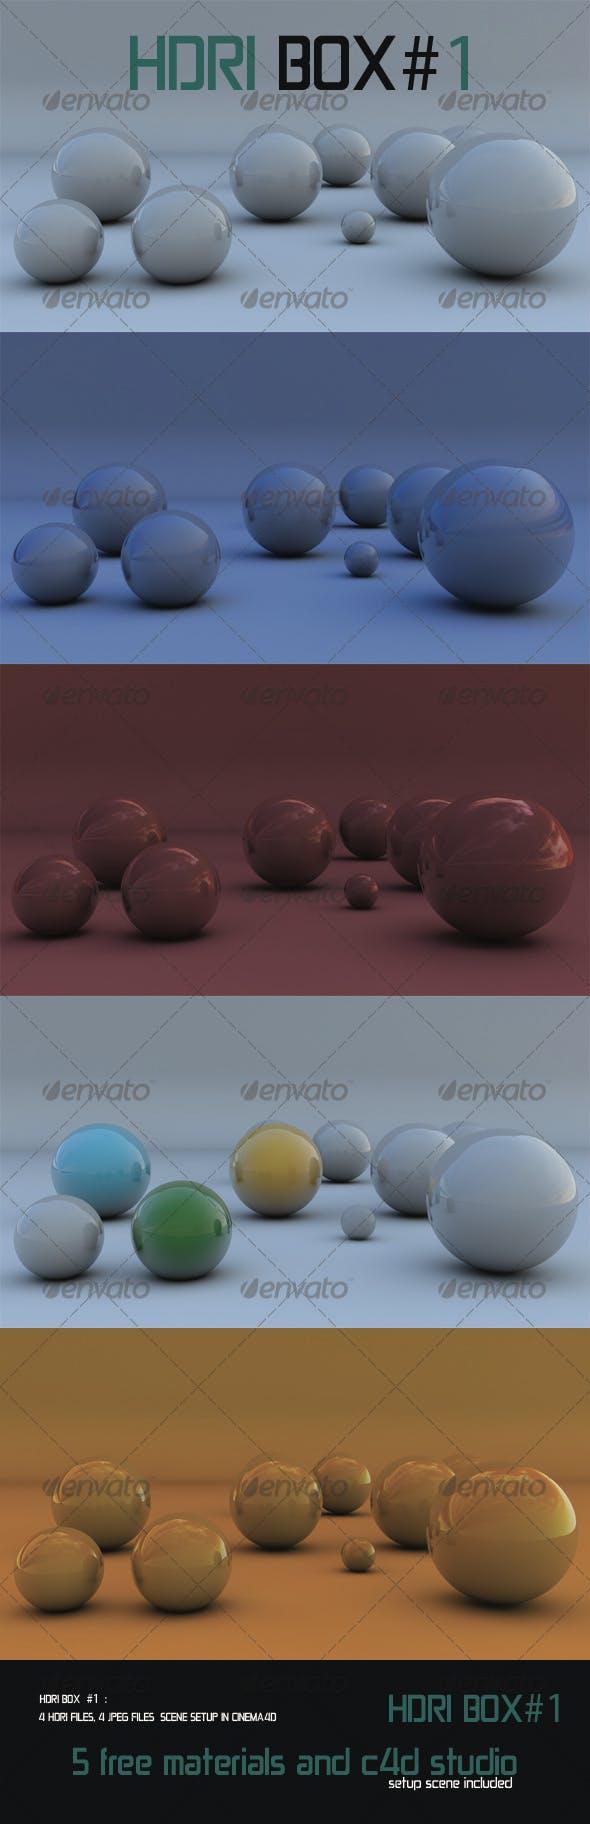 HDRI Box # 1 - 4 HDRI´S   - 3DOcean Item for Sale